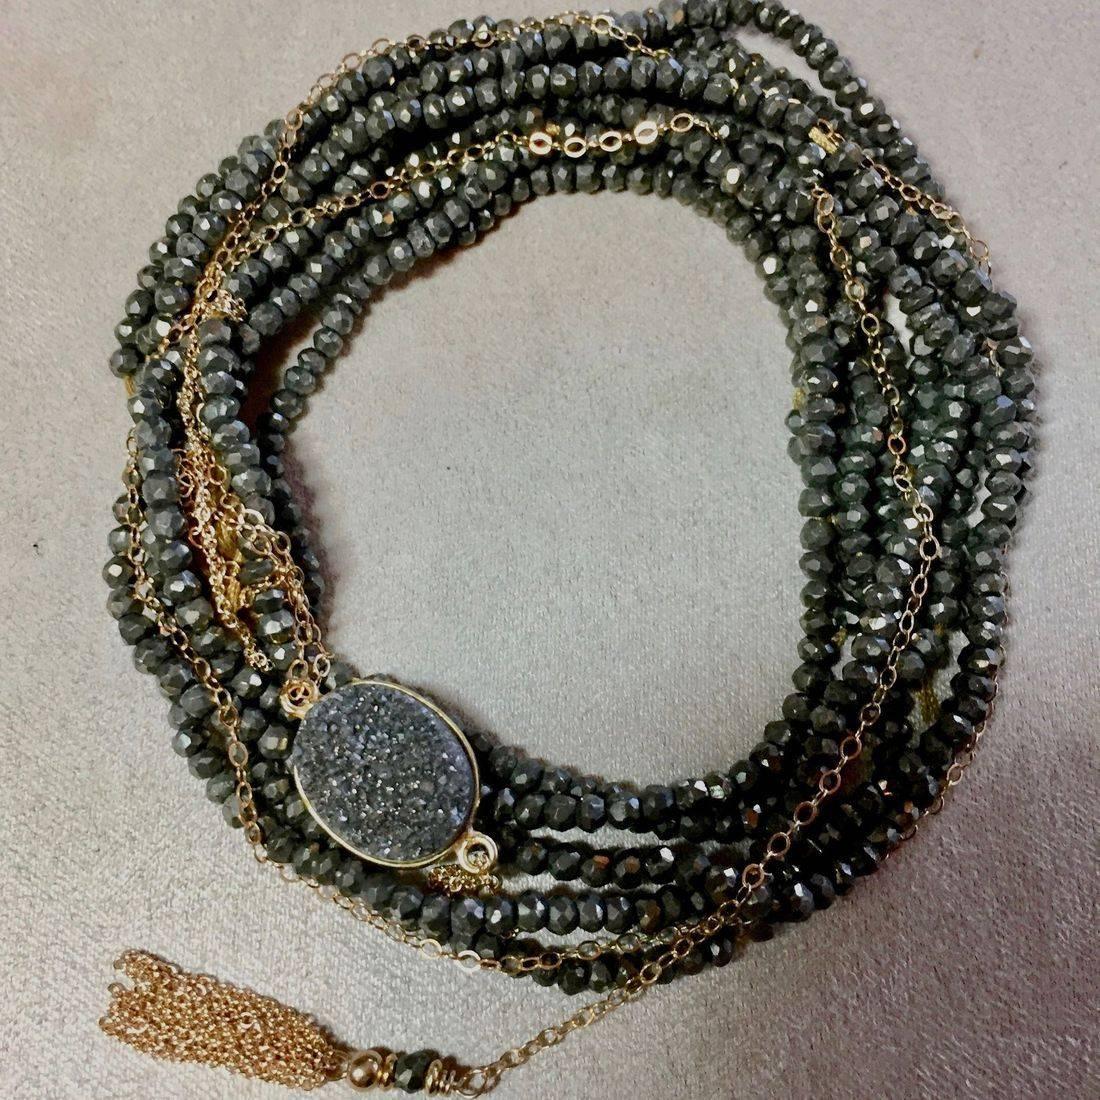 gemstone wrap bracelets, faceted natural gemstones,14k gold fill tassel,clasps, faceted pyrite,